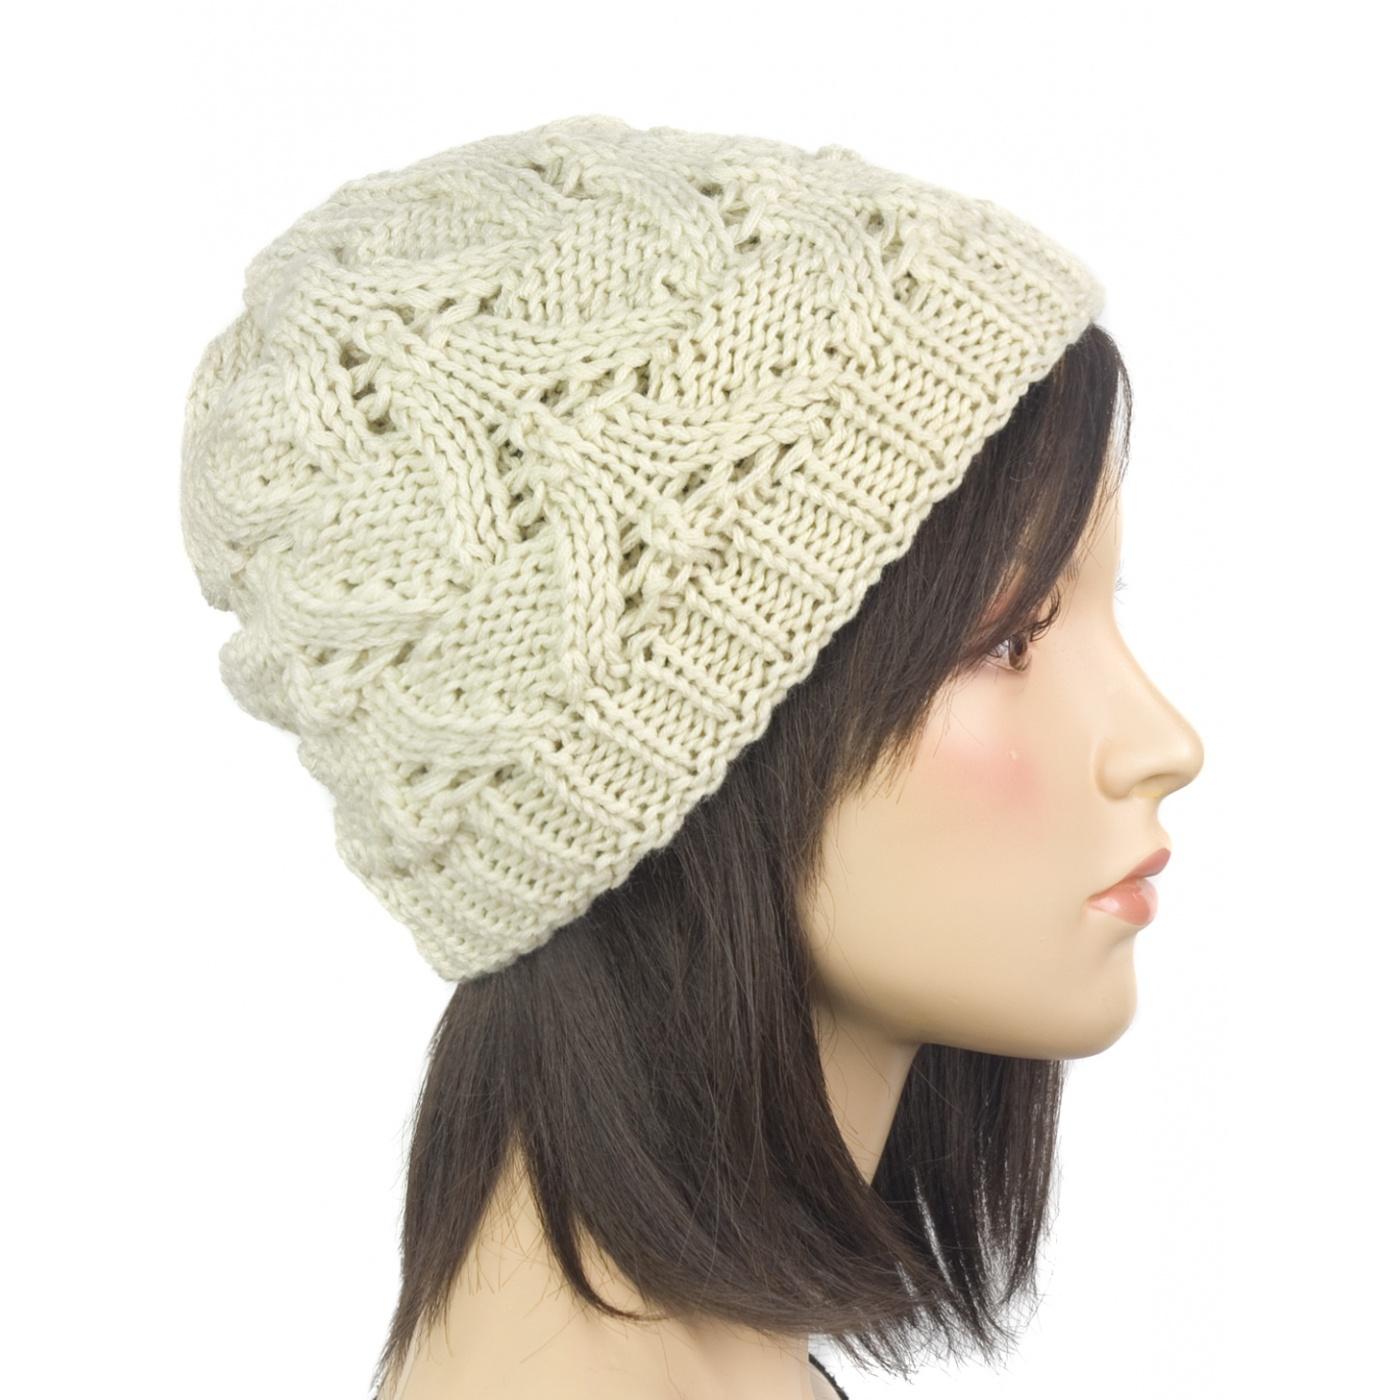 Klasyczna zimowa czapka damska z ażurowym splotem: beżowa